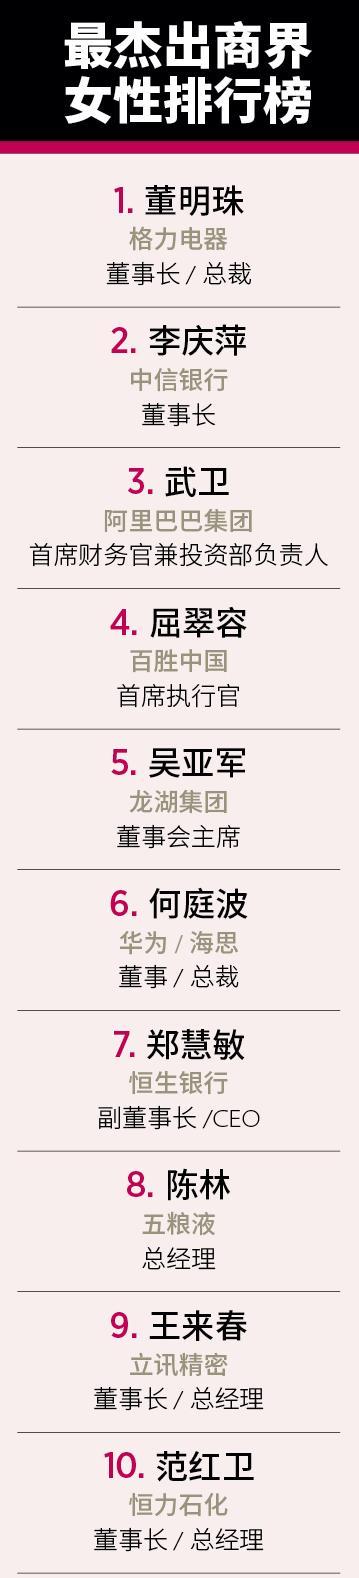 福布斯中国发布最杰出商界女性排行榜,董明珠再次问鼎